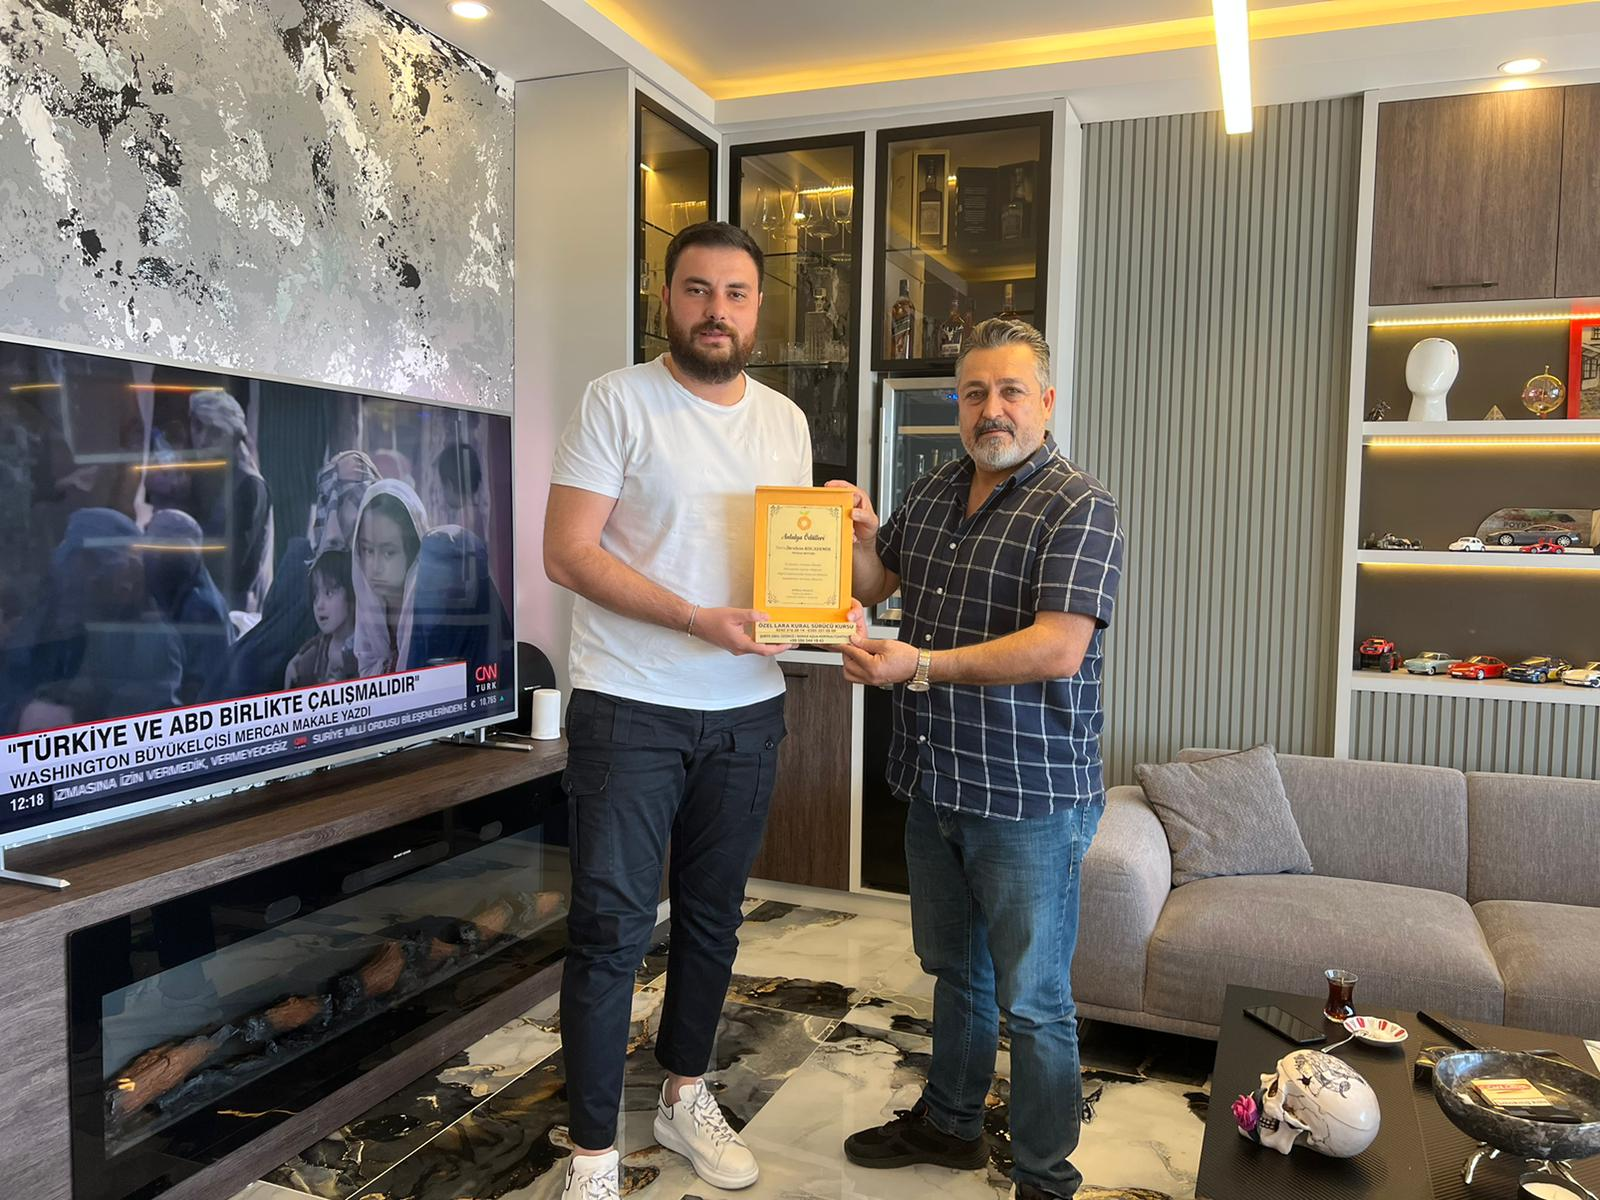 Poyraz motors İşletmesi adına İbrahim Kocademir'e Antalya'ya değer Katan İş İnsanı ödülü verildi